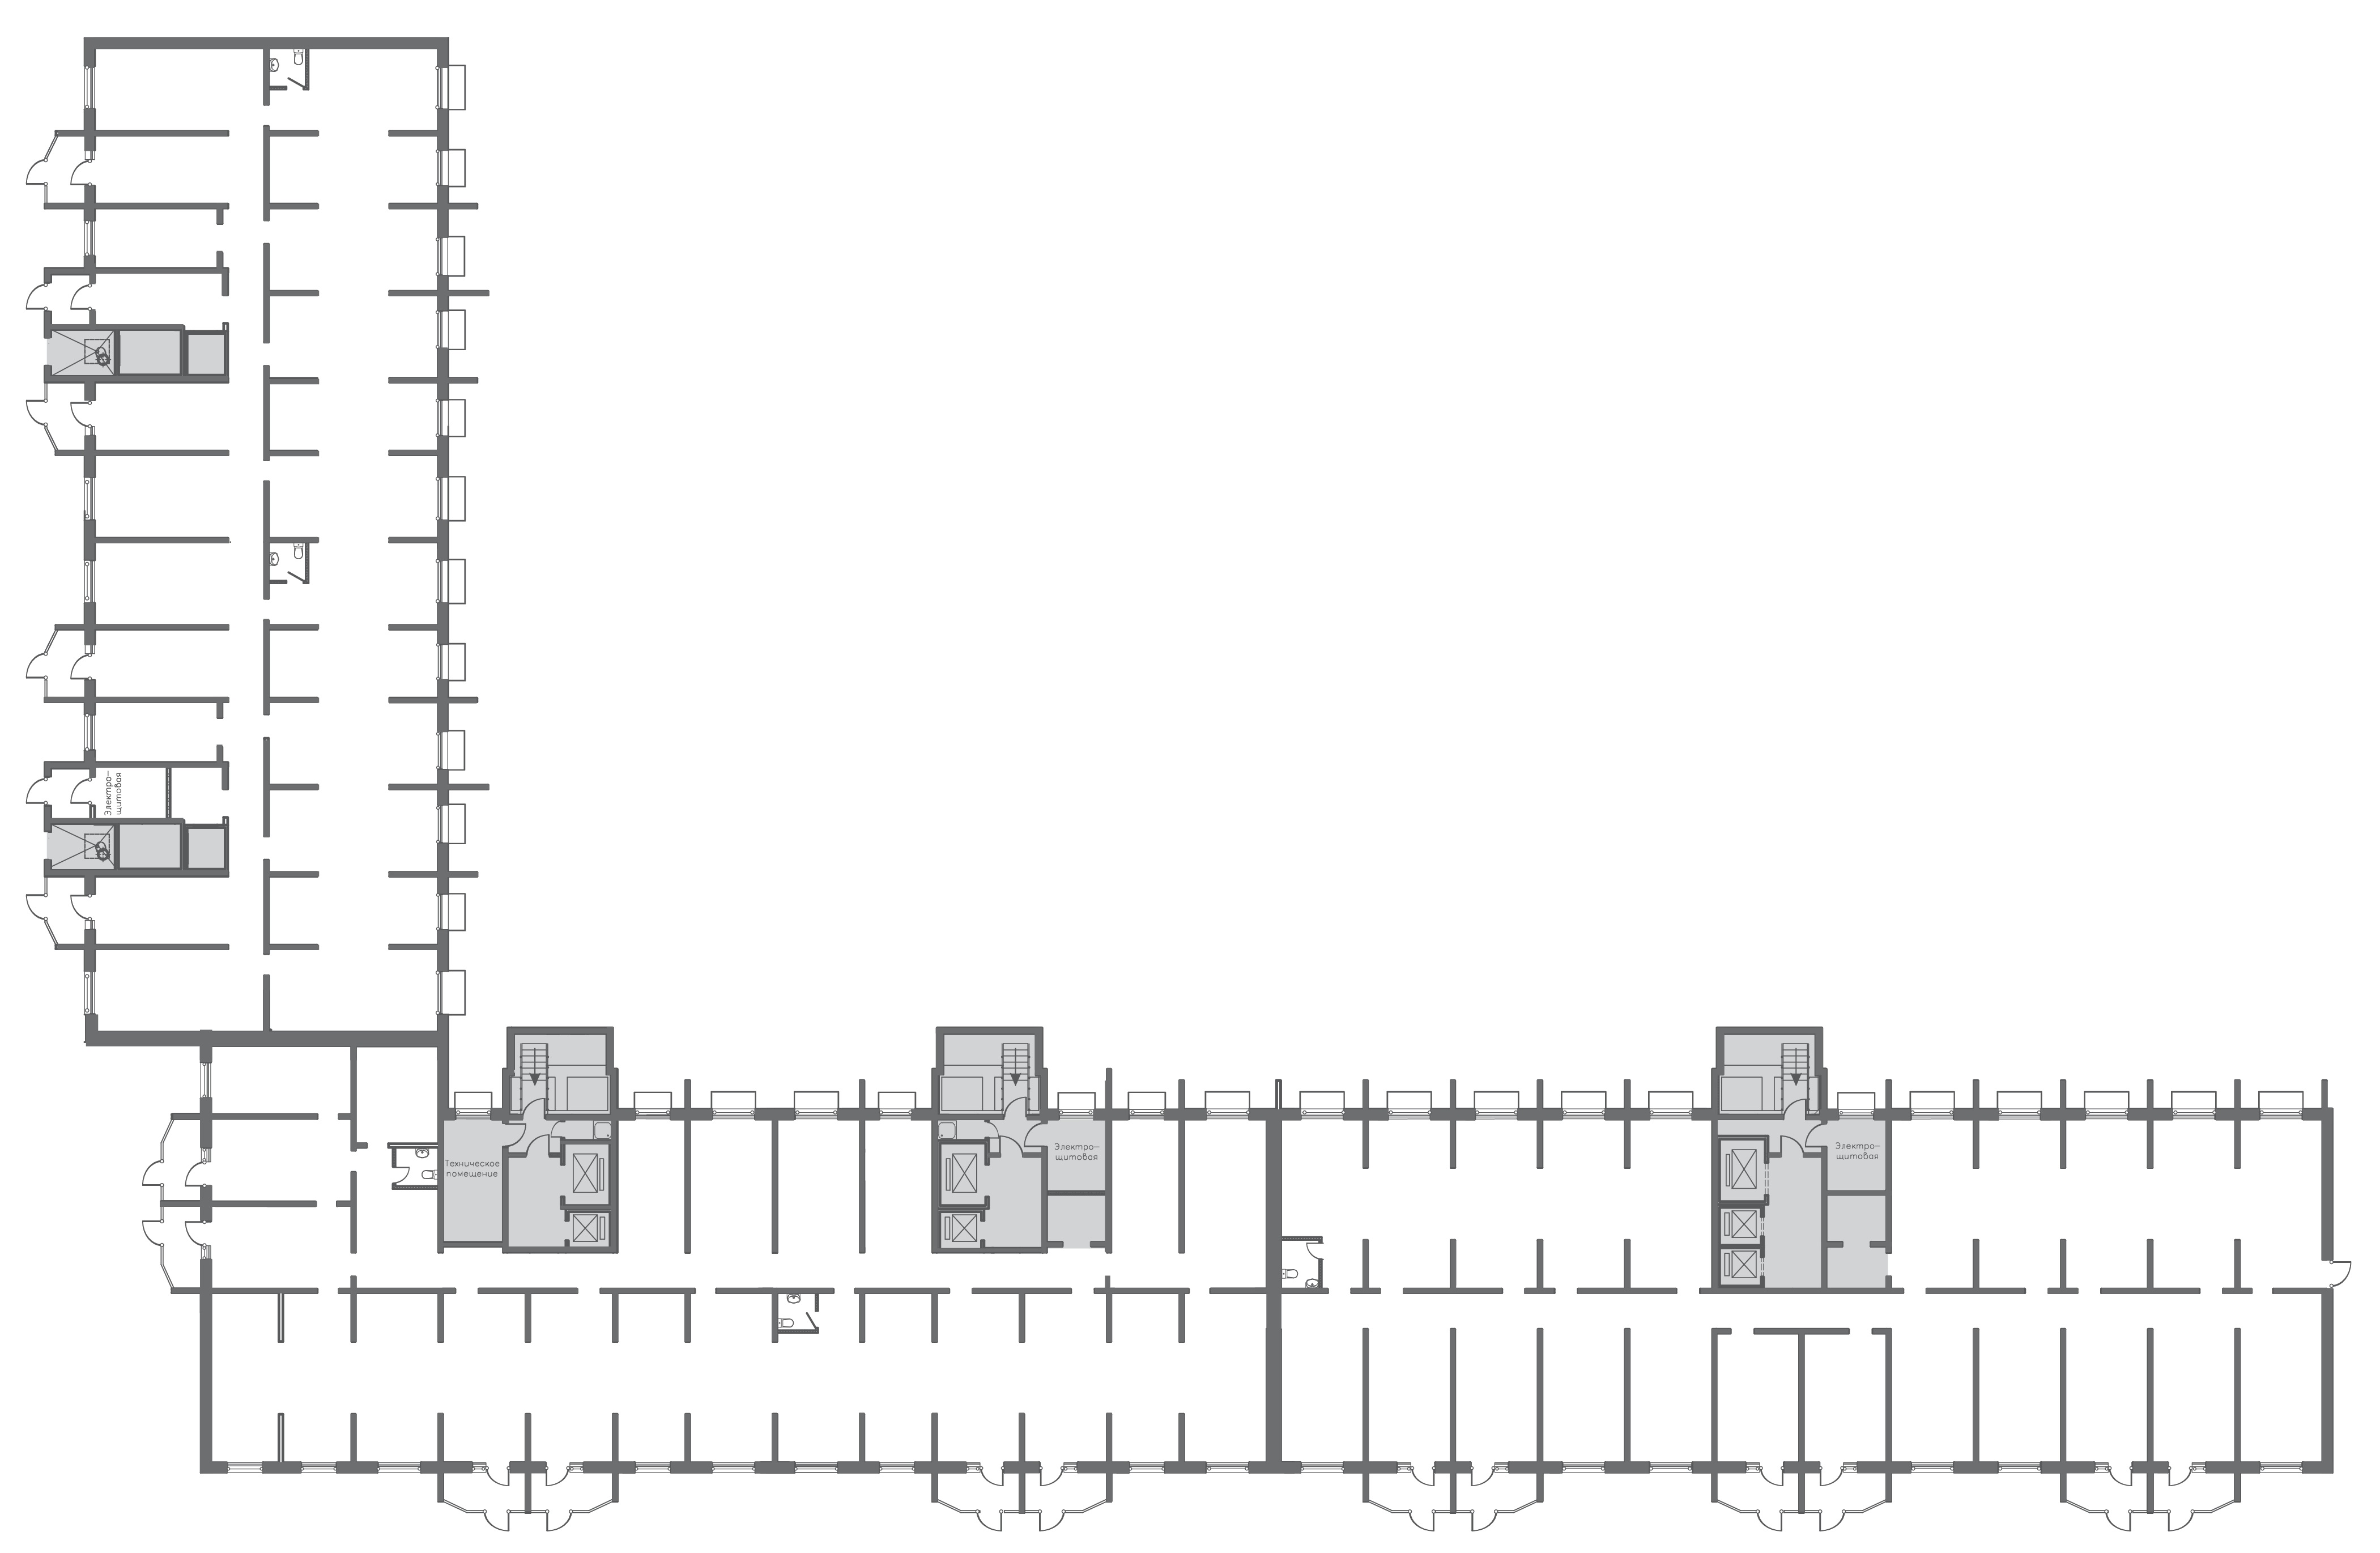 Коммерция Первый Зеленоградский Трехсвятская 6 этаж -1